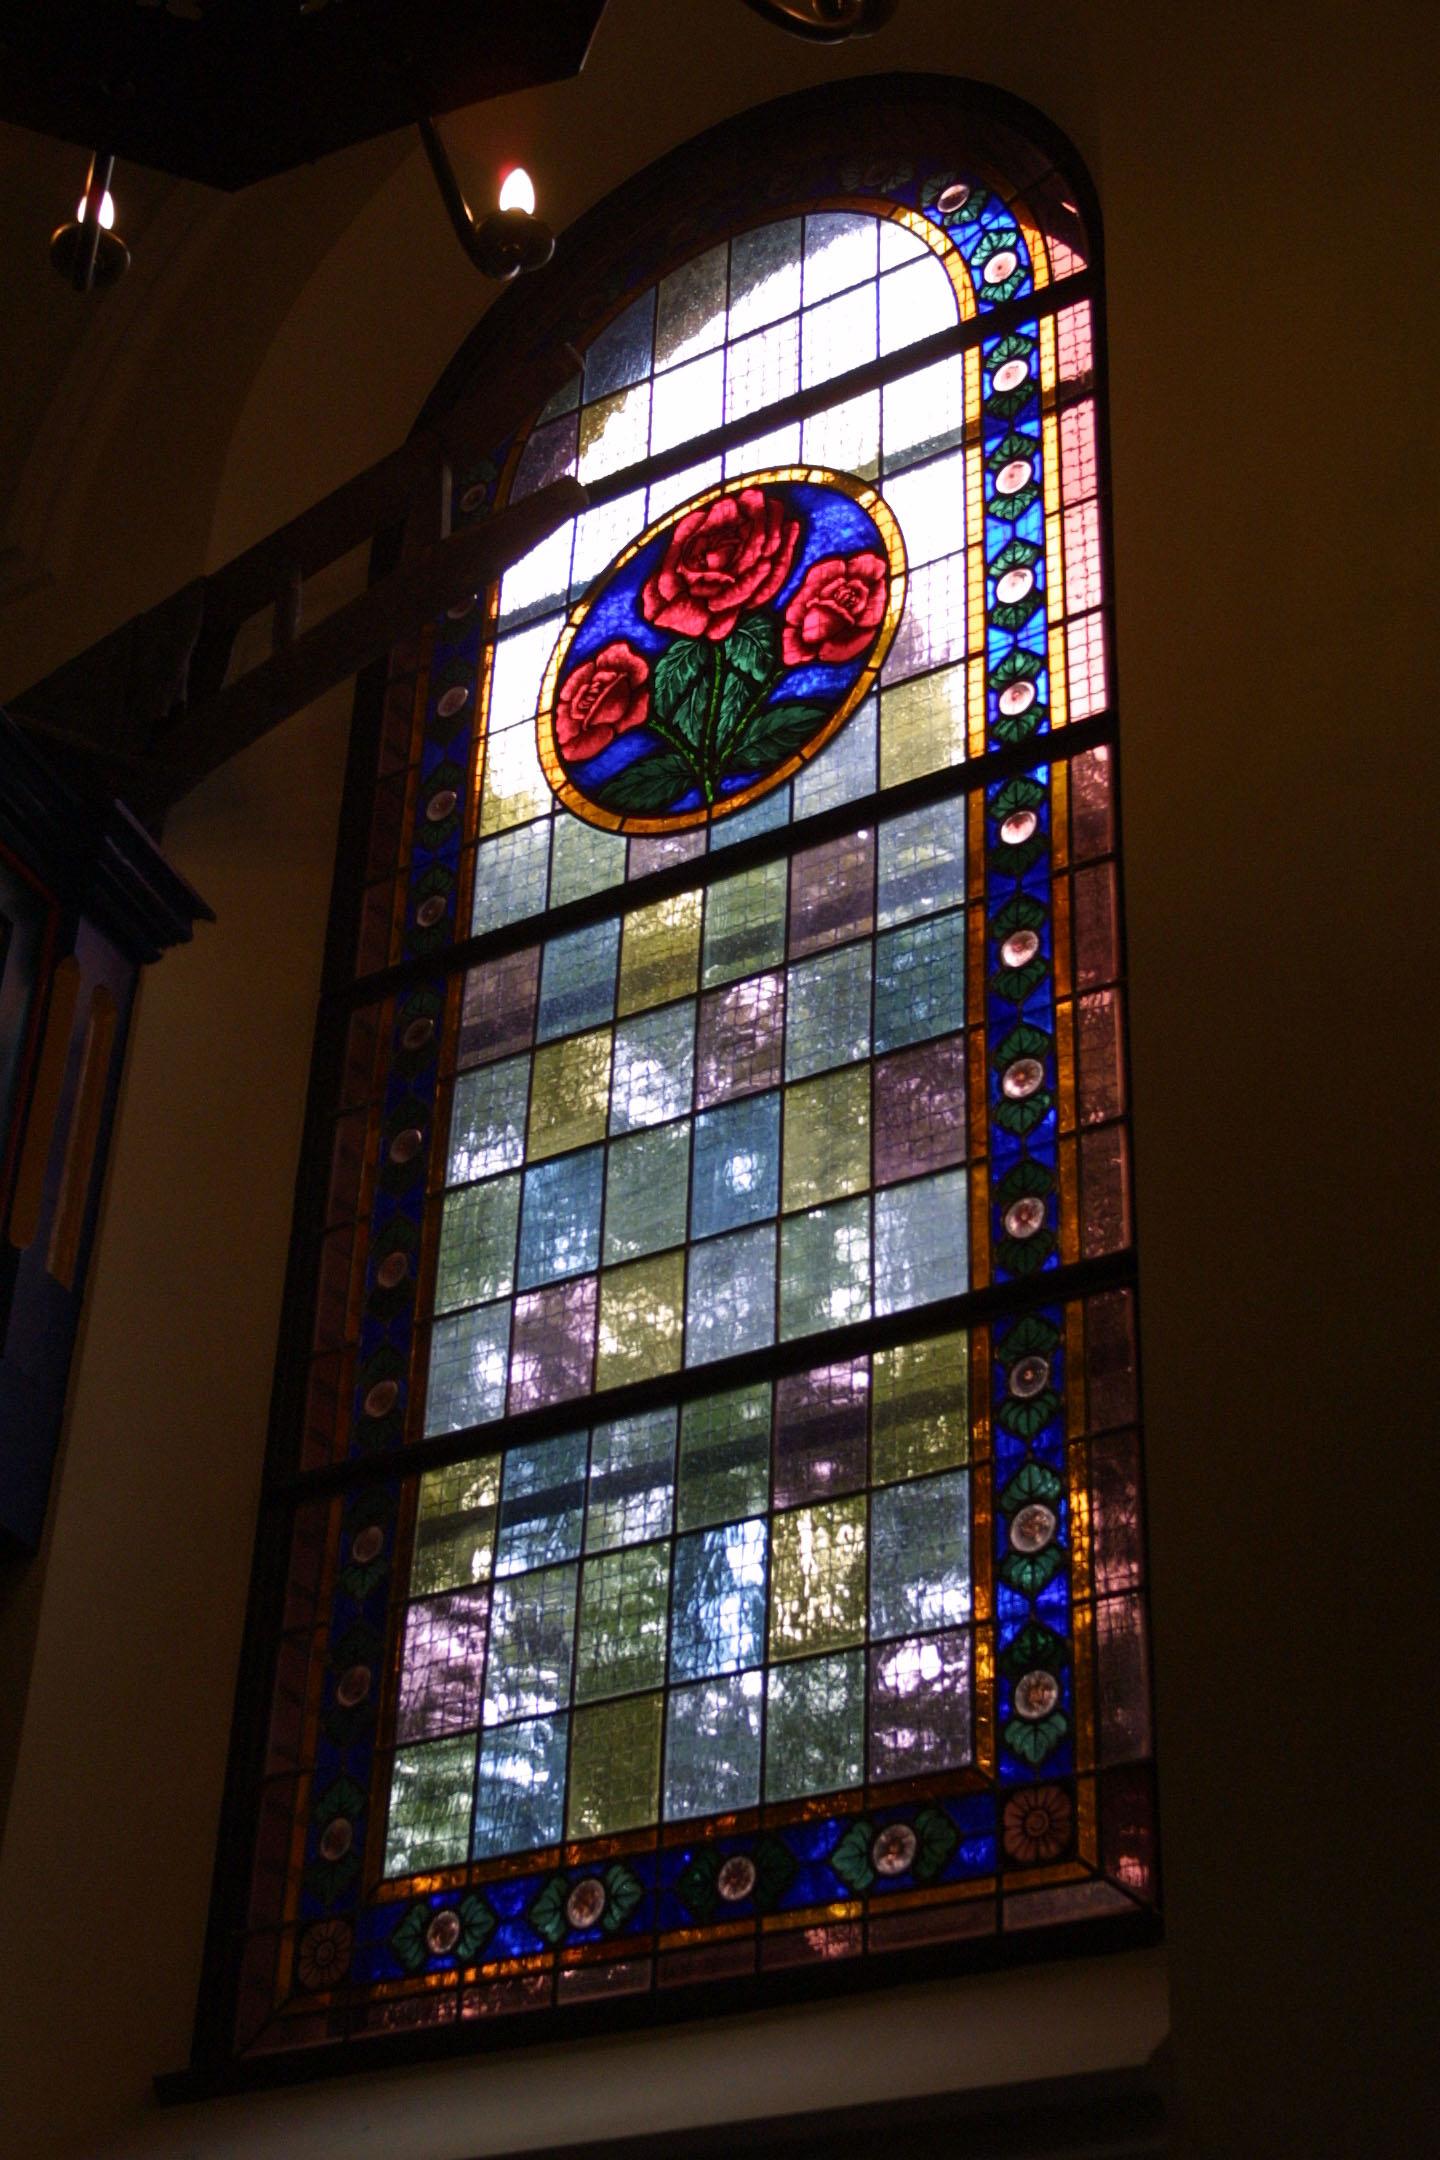 Kirchenfenster der St. Marien am Behnitz, Bleiverglasung und Glasmalerei individuell gefertigt Motiv Rose